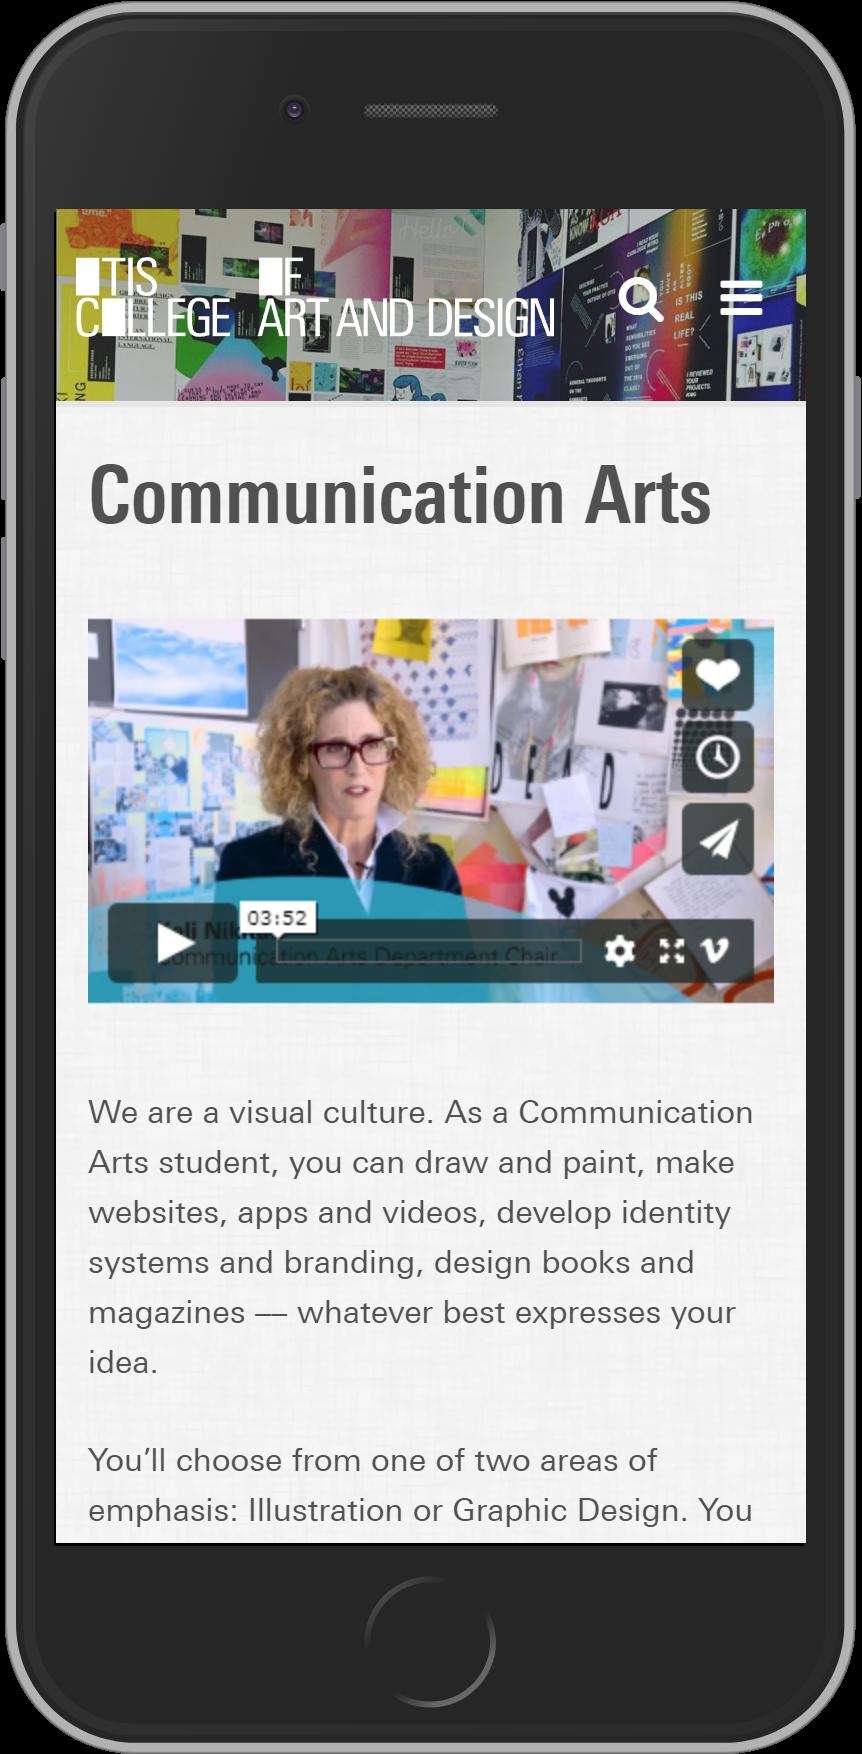 www.otis.edu_communication-arts(iPhone 6_7_8)